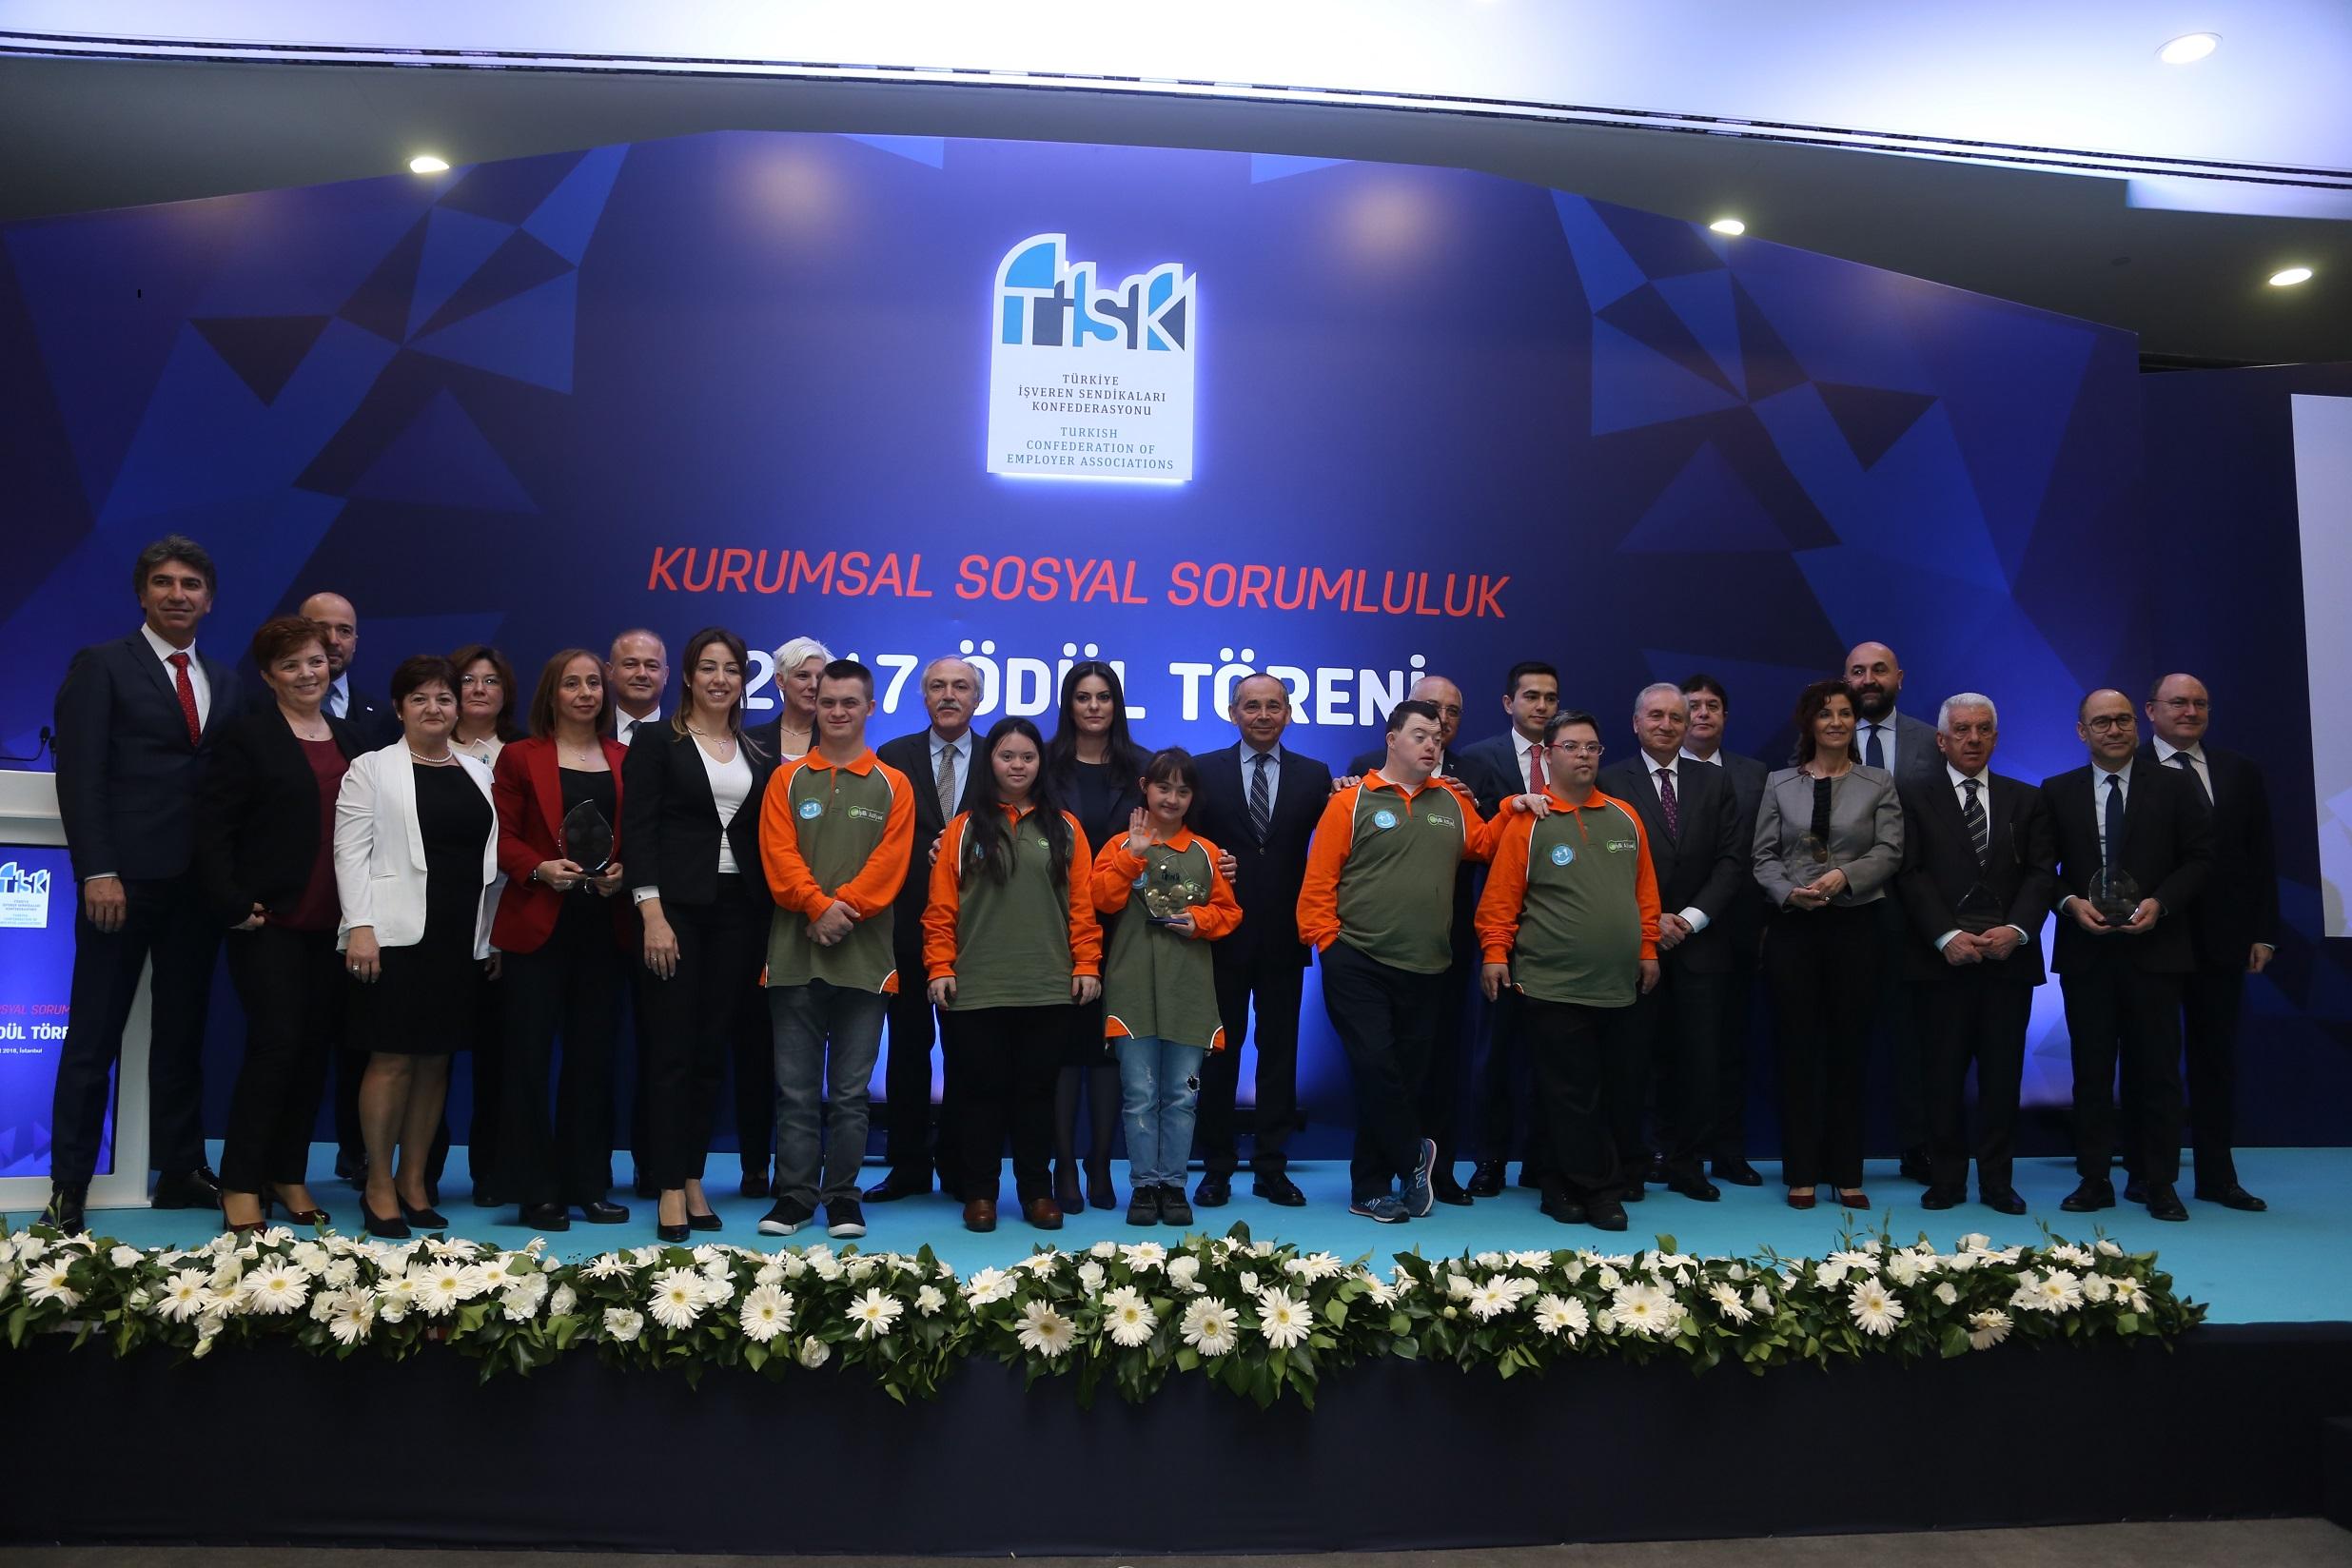 TİSK'in geleneksel Kurumsal Sosyal Sorumluluk Ödülleri Sahiplerini Buldu!